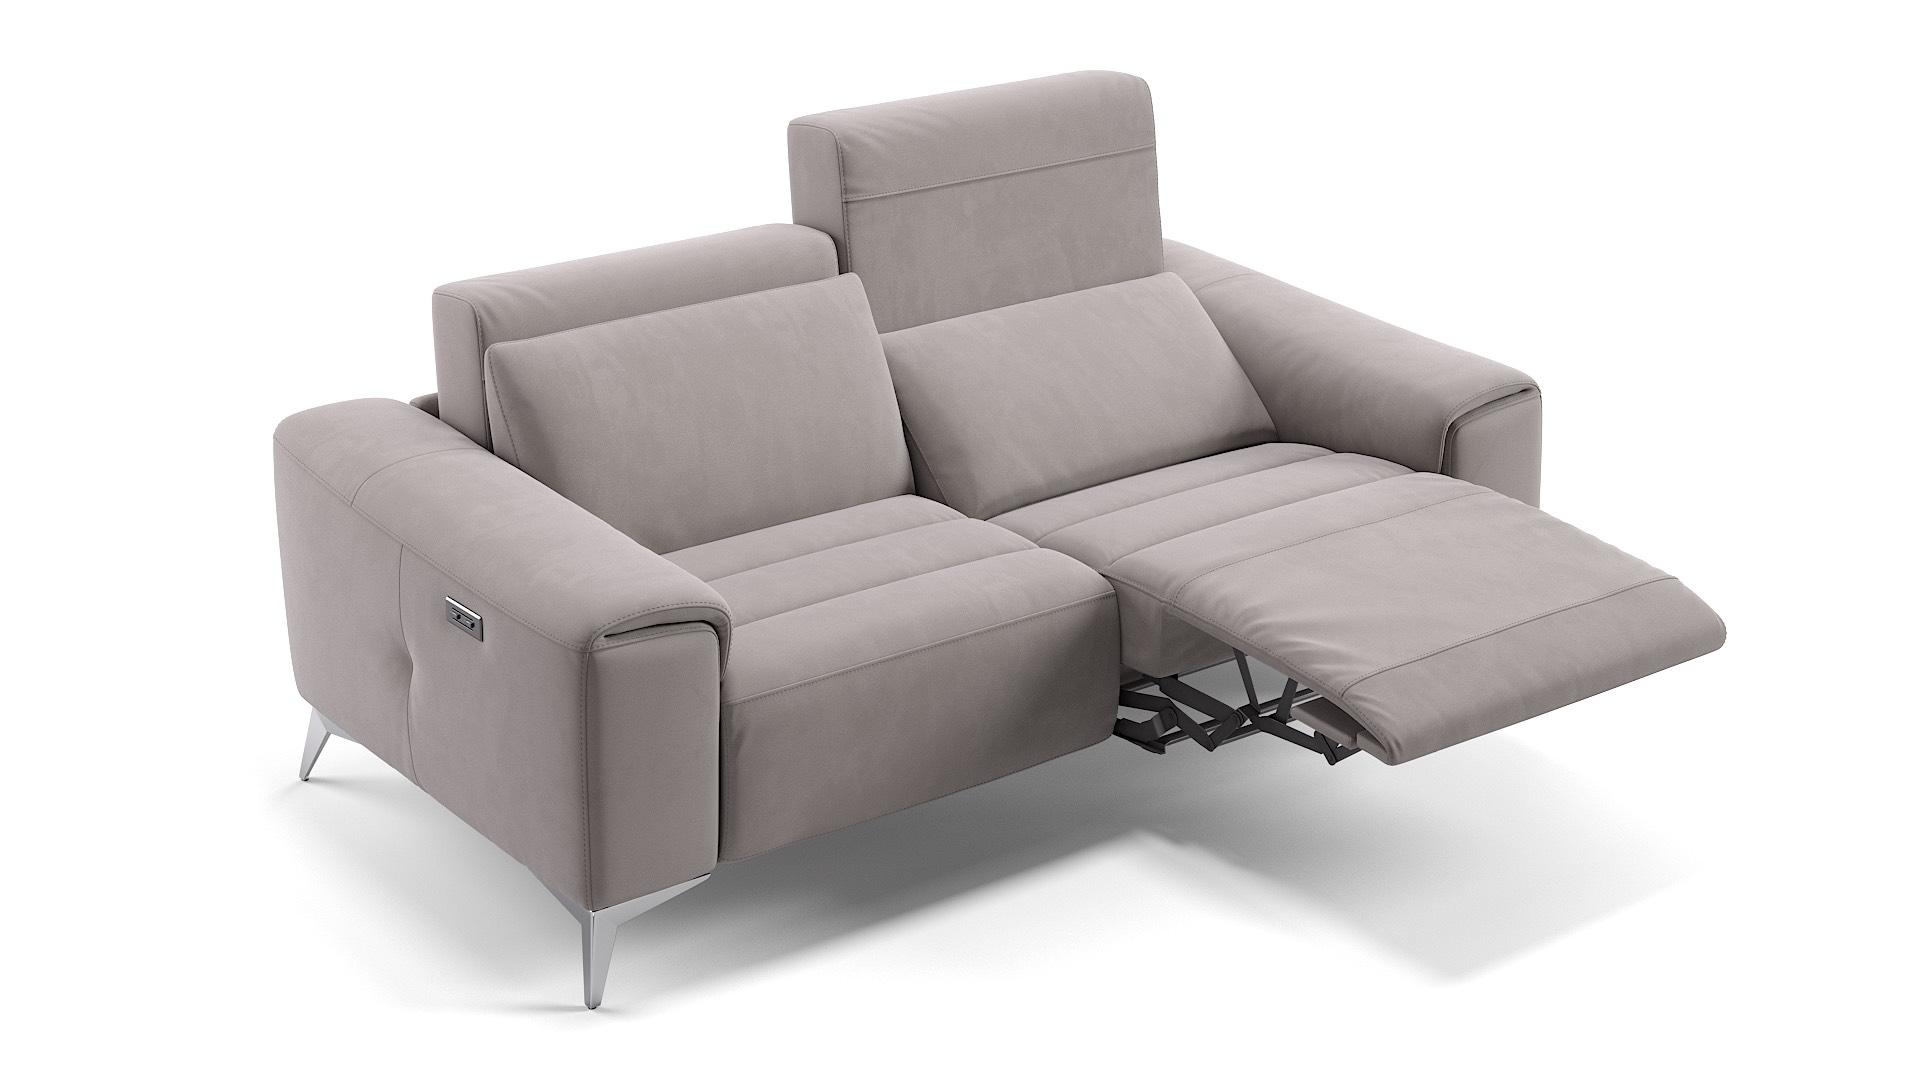 Stoff 2-Sitzer Sofa BELLA